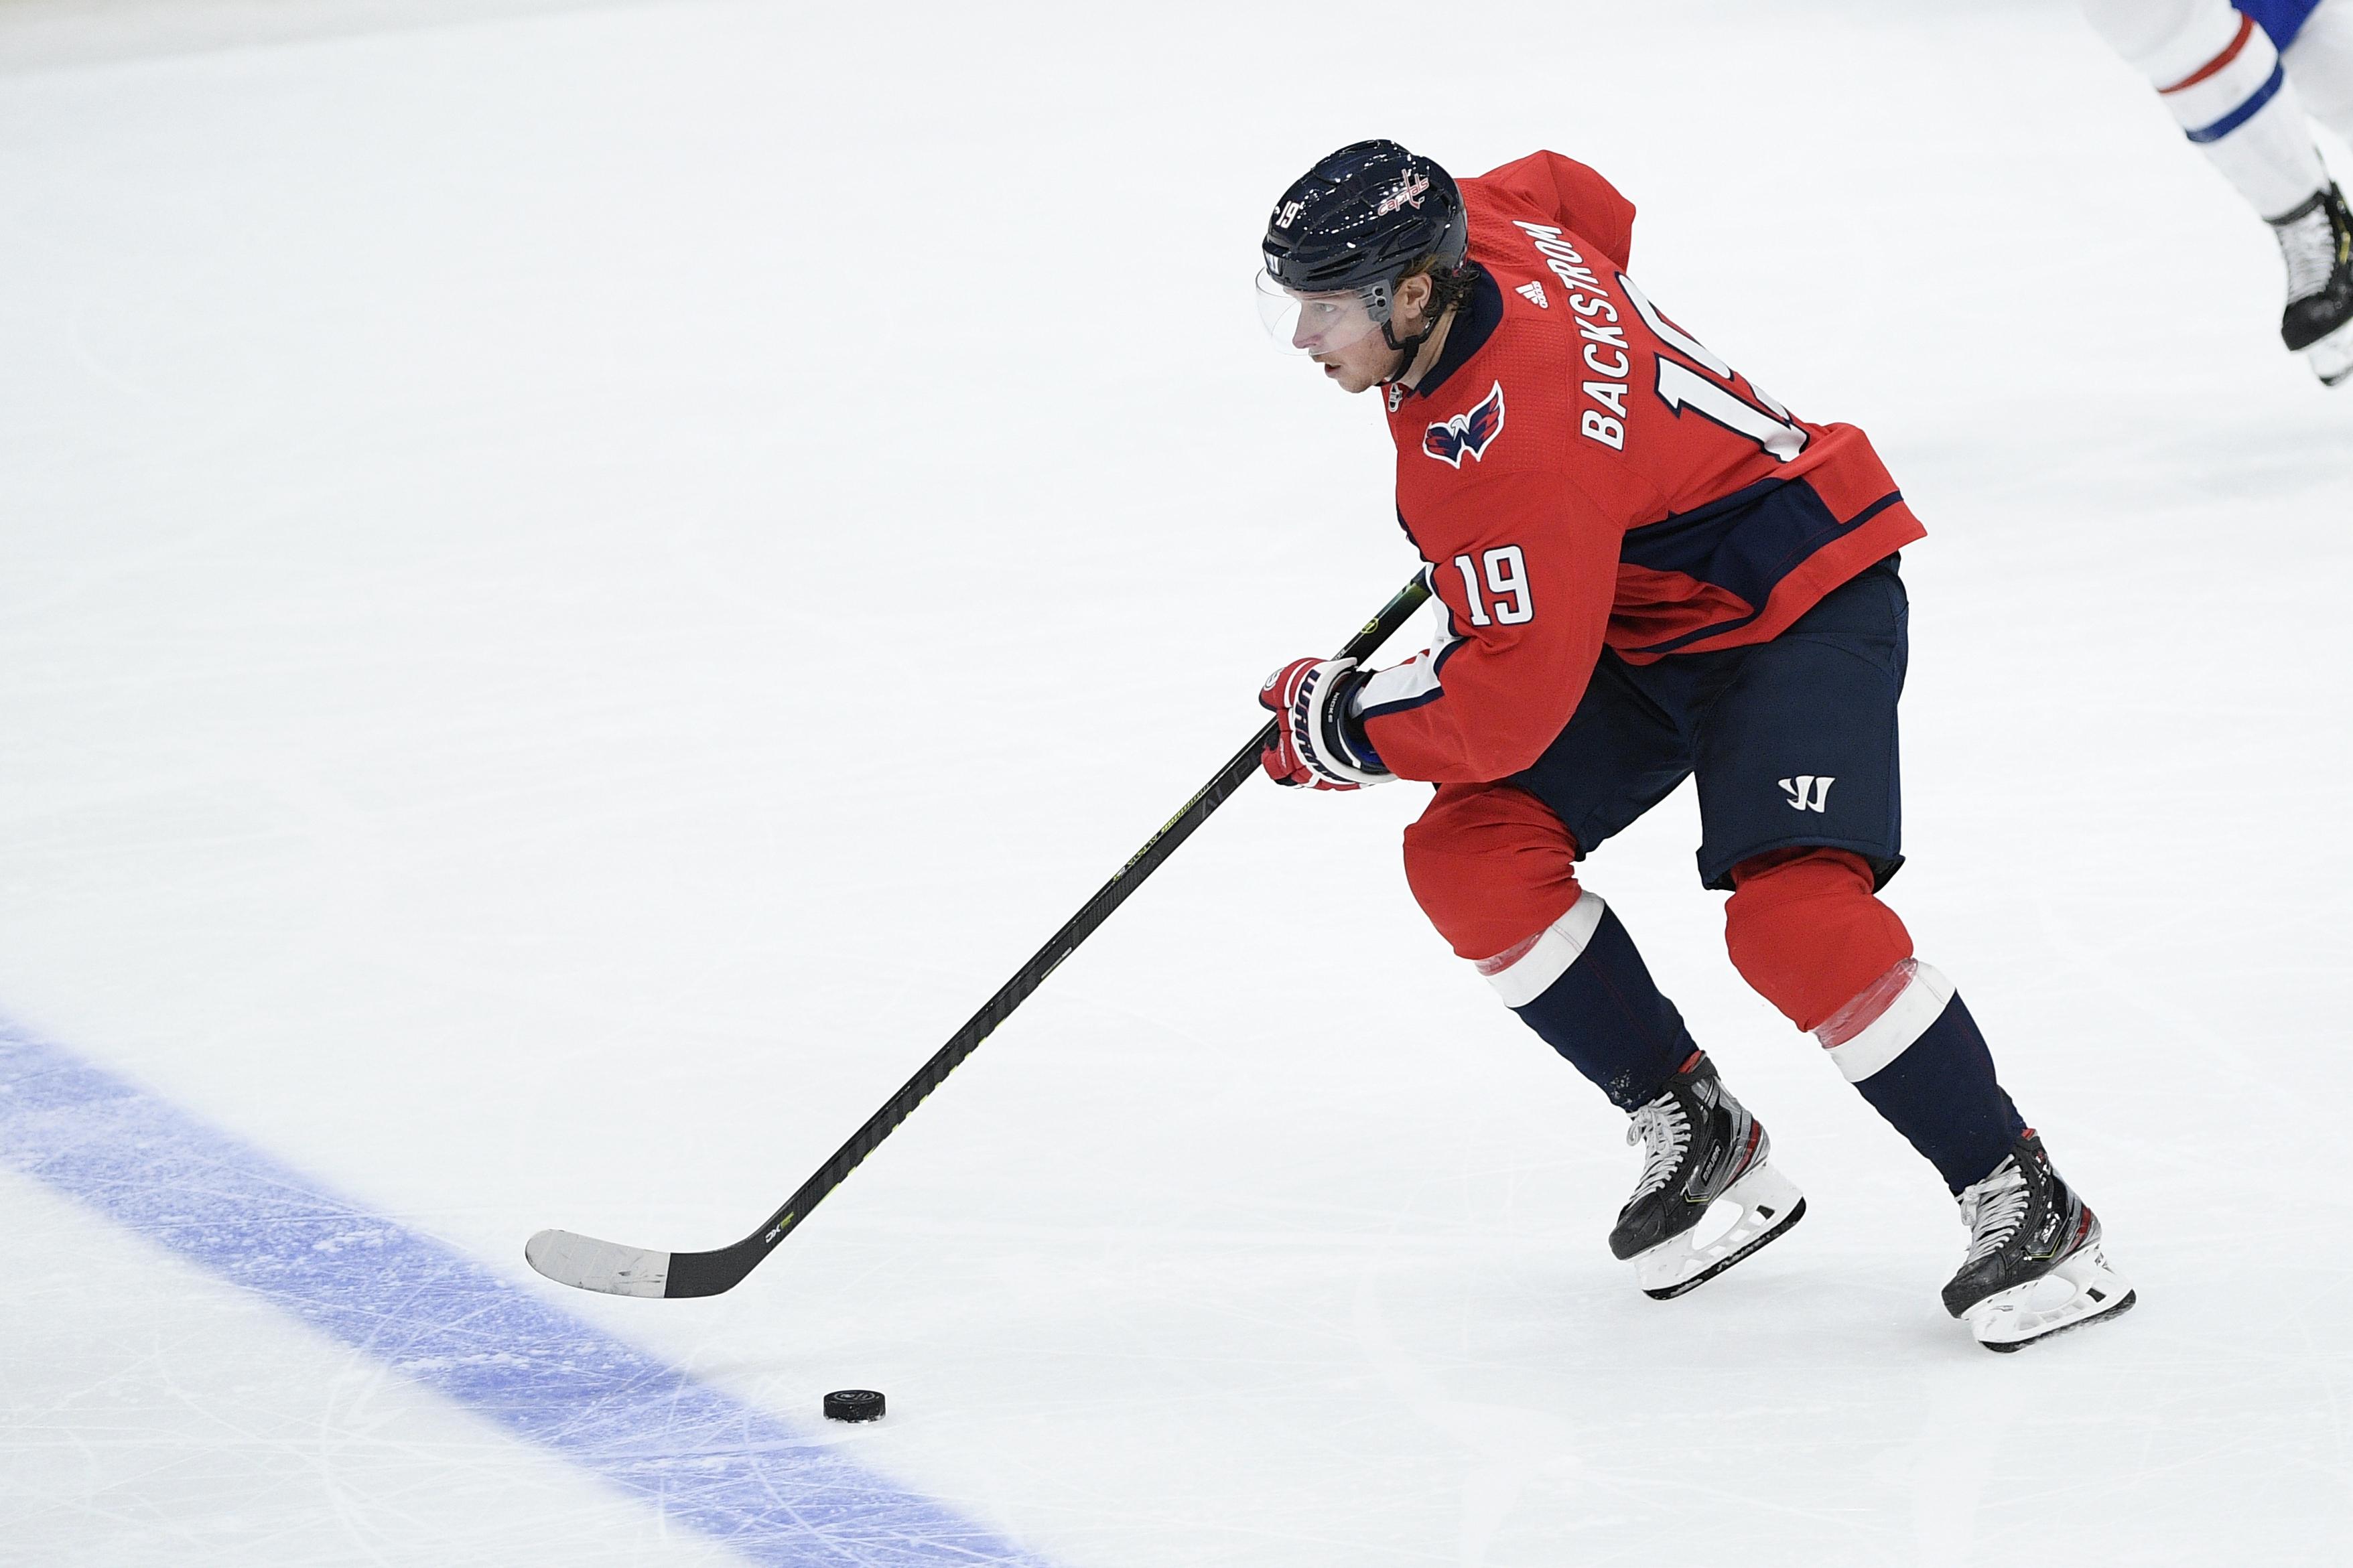 Nicklas Backstrom out vs. Rangers; Capitals do salary-cap gymnastics with four call-ups